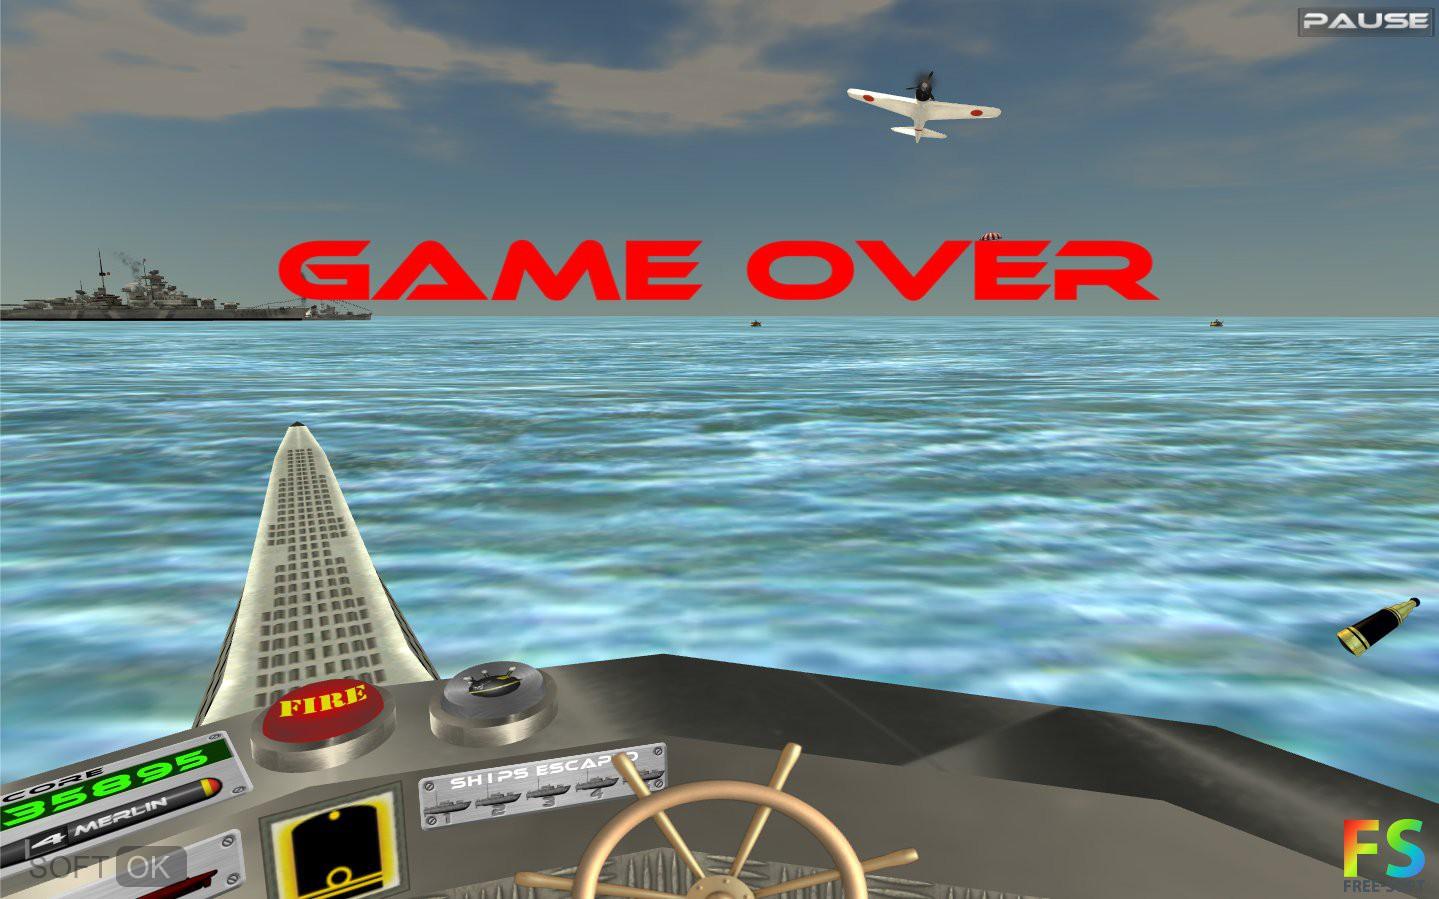 играть бесплатно симулятор подводной лодки бесплатно